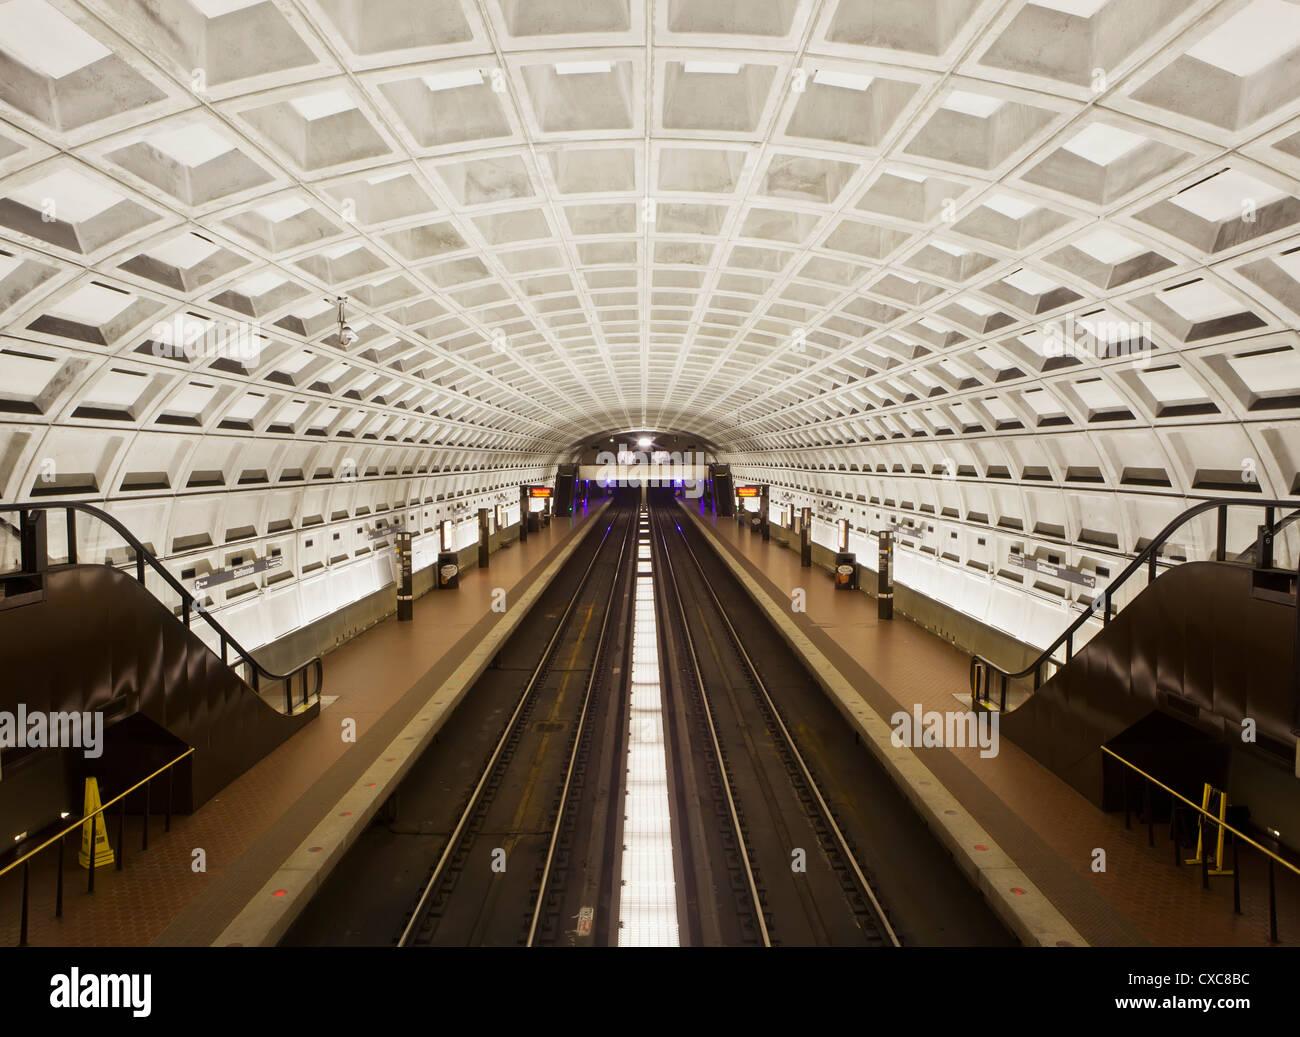 Foggy Bottom Metro station platform, part of the Washington D.C. metro system, Washington D.C., United States of - Stock Image